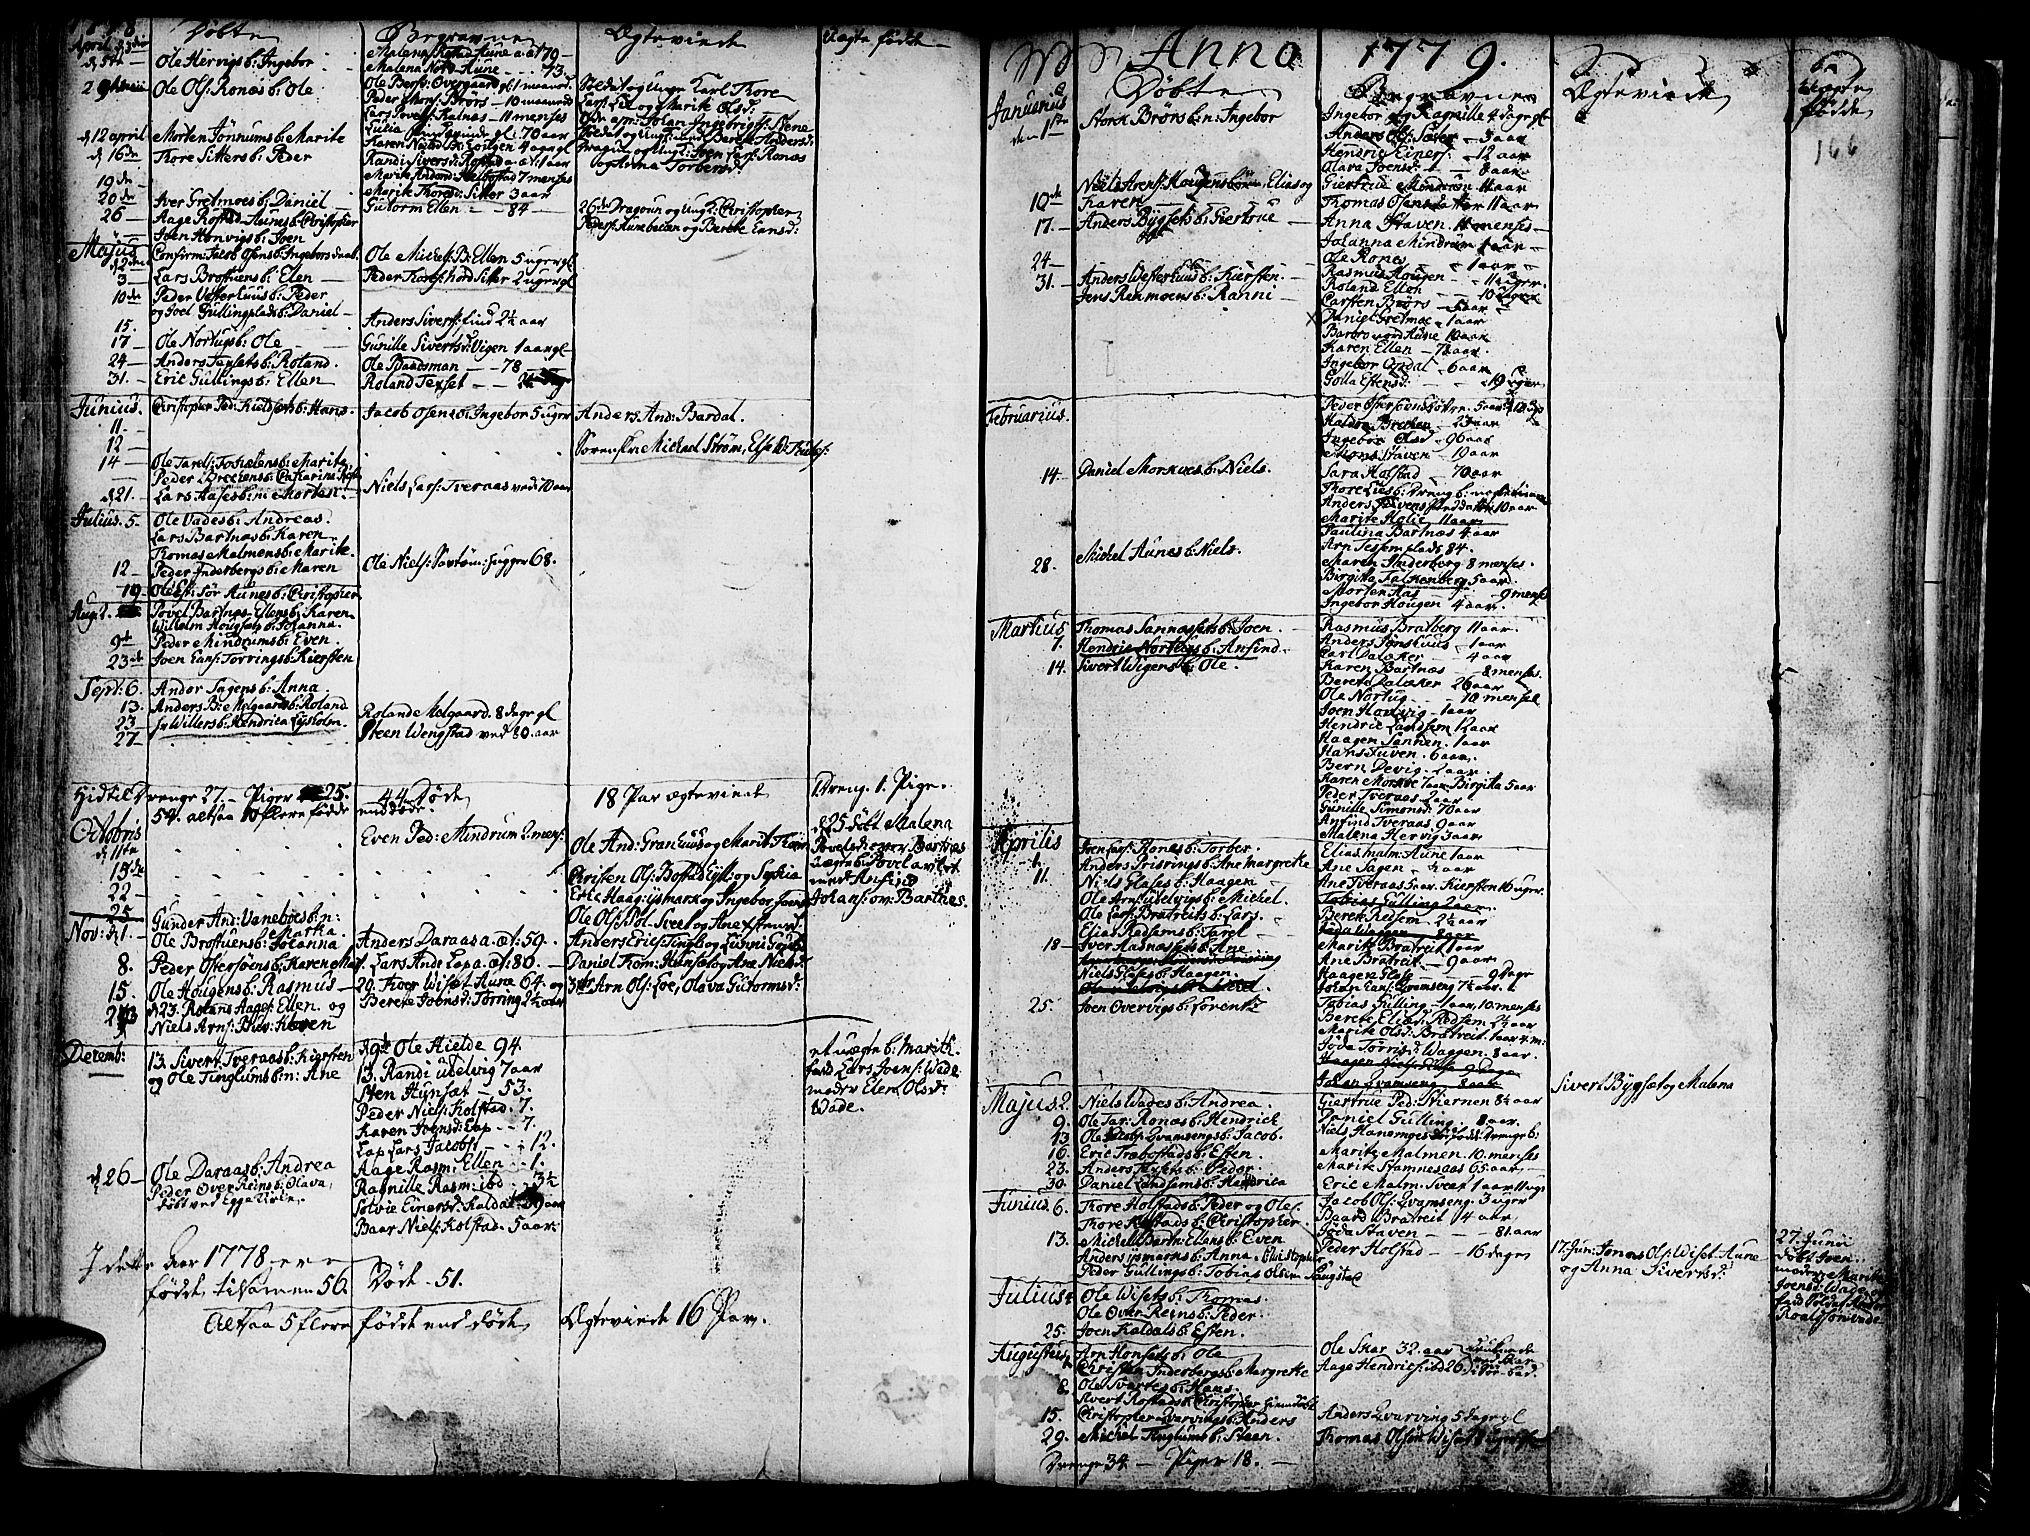 SAT, Ministerialprotokoller, klokkerbøker og fødselsregistre - Nord-Trøndelag, 741/L0385: Parish register (official) no. 741A01, 1722-1815, p. 166